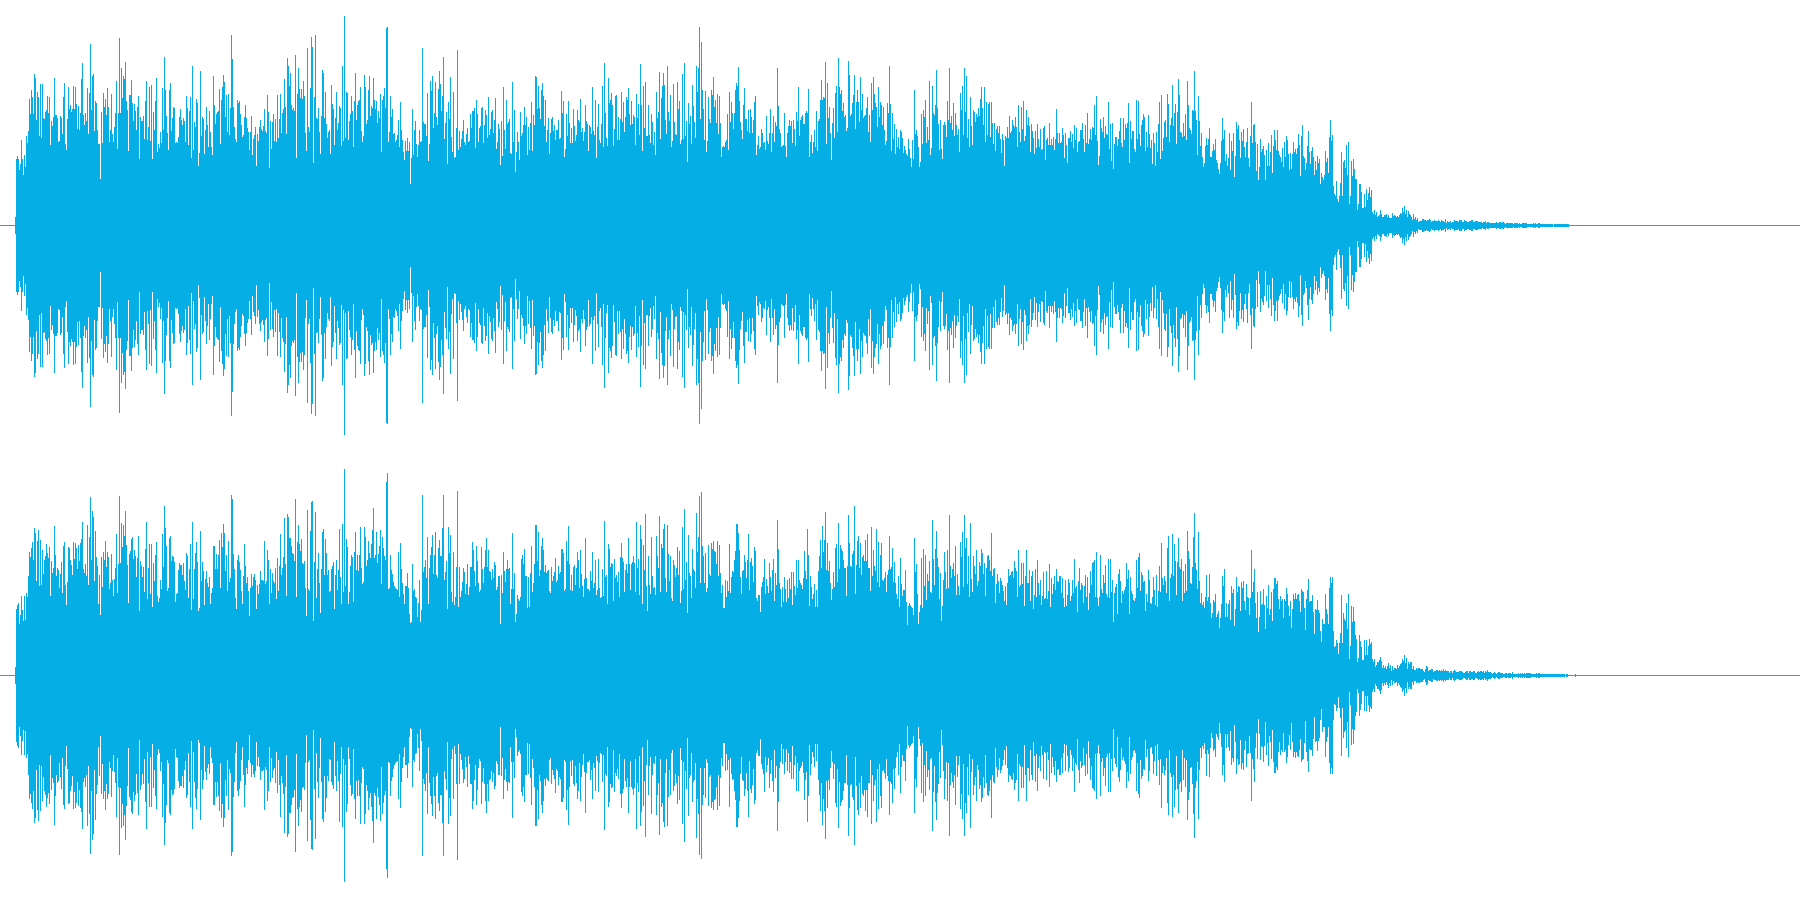 メタルの速弾きギター ジングル 場面転換の再生済みの波形